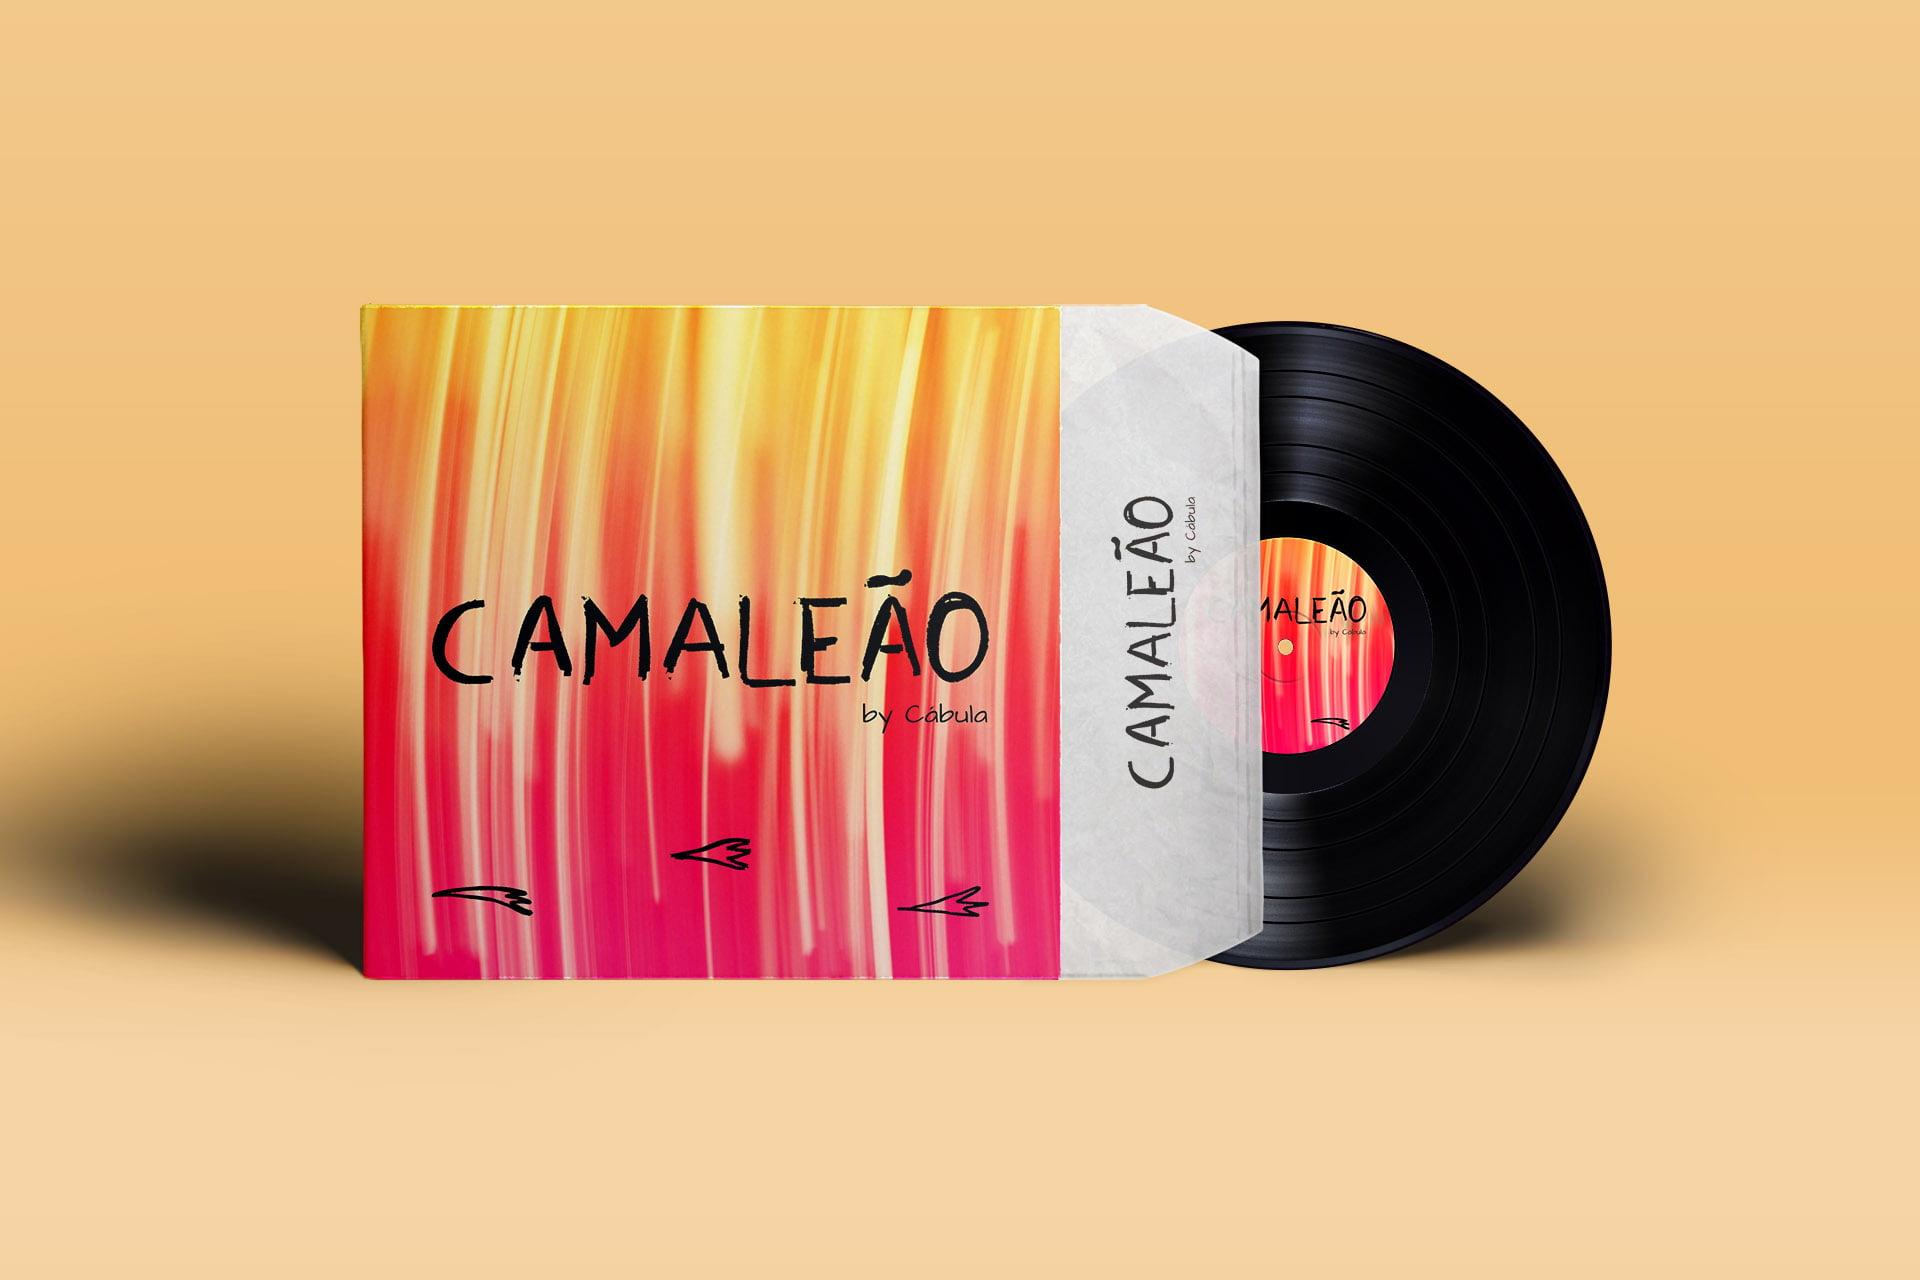 Cábula - Camaleão - Single CD